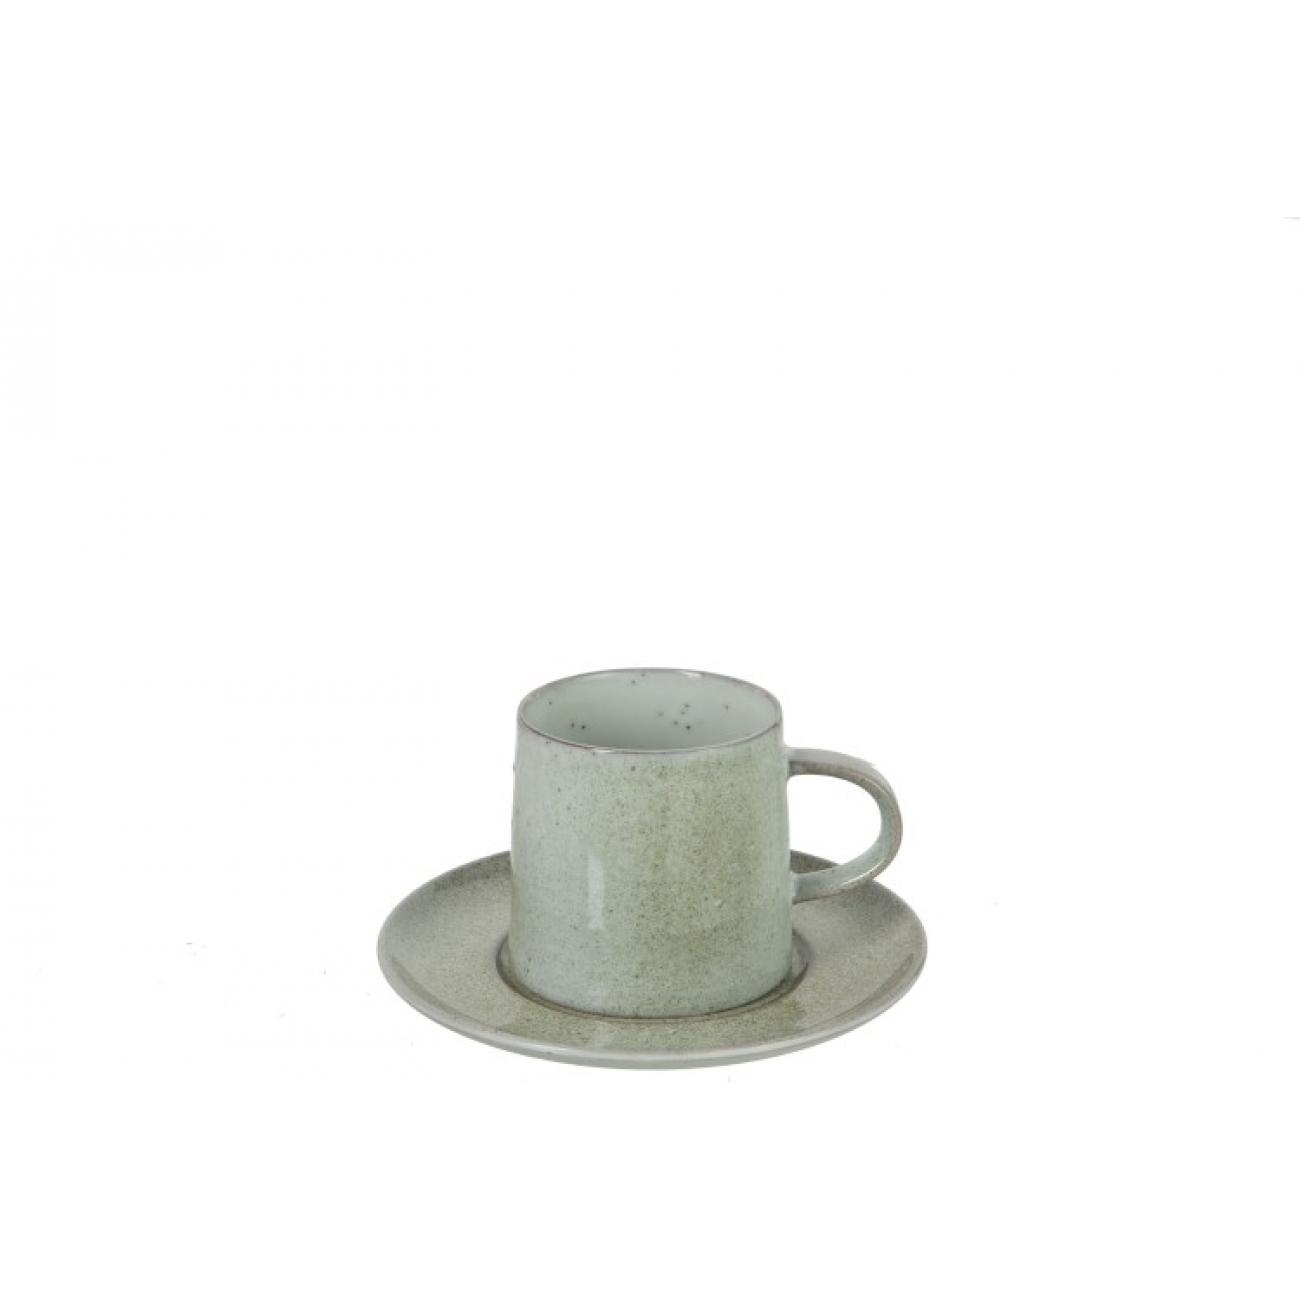 Фарфоровая чашка и блюдце   J-LINE мятного цвета 250 мл